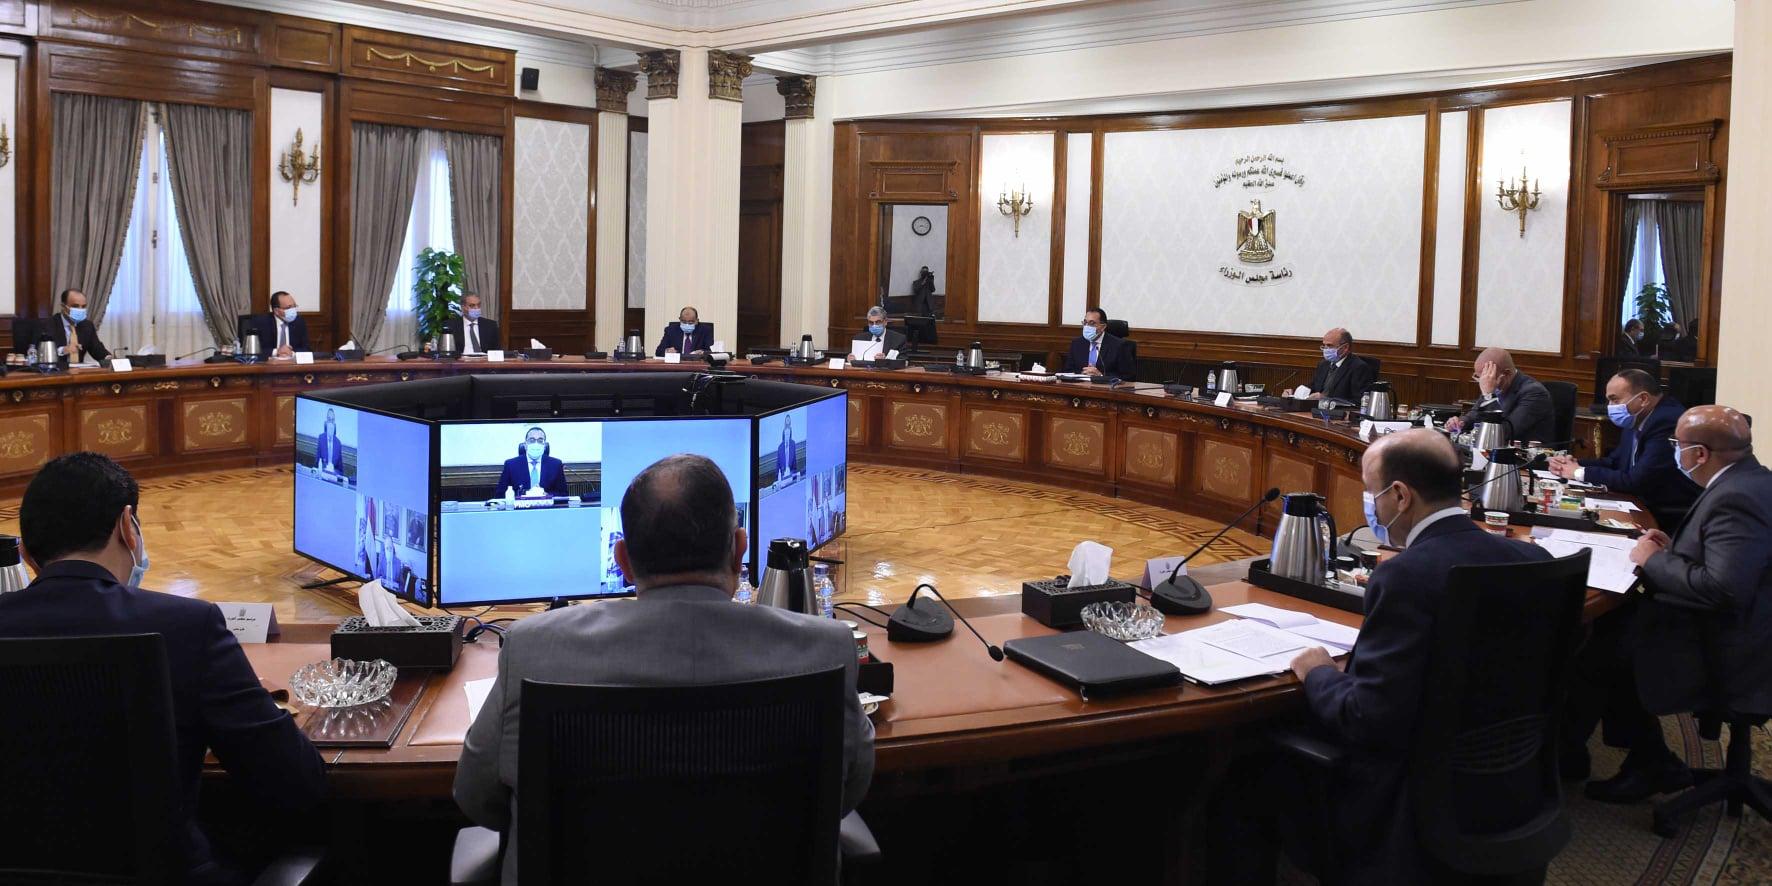 الوزراء: تقديم مشروع قانون لمجلس النواب لإرجاء نفاذ قانون الشهر العقاري حتى نهاية العام الجاري